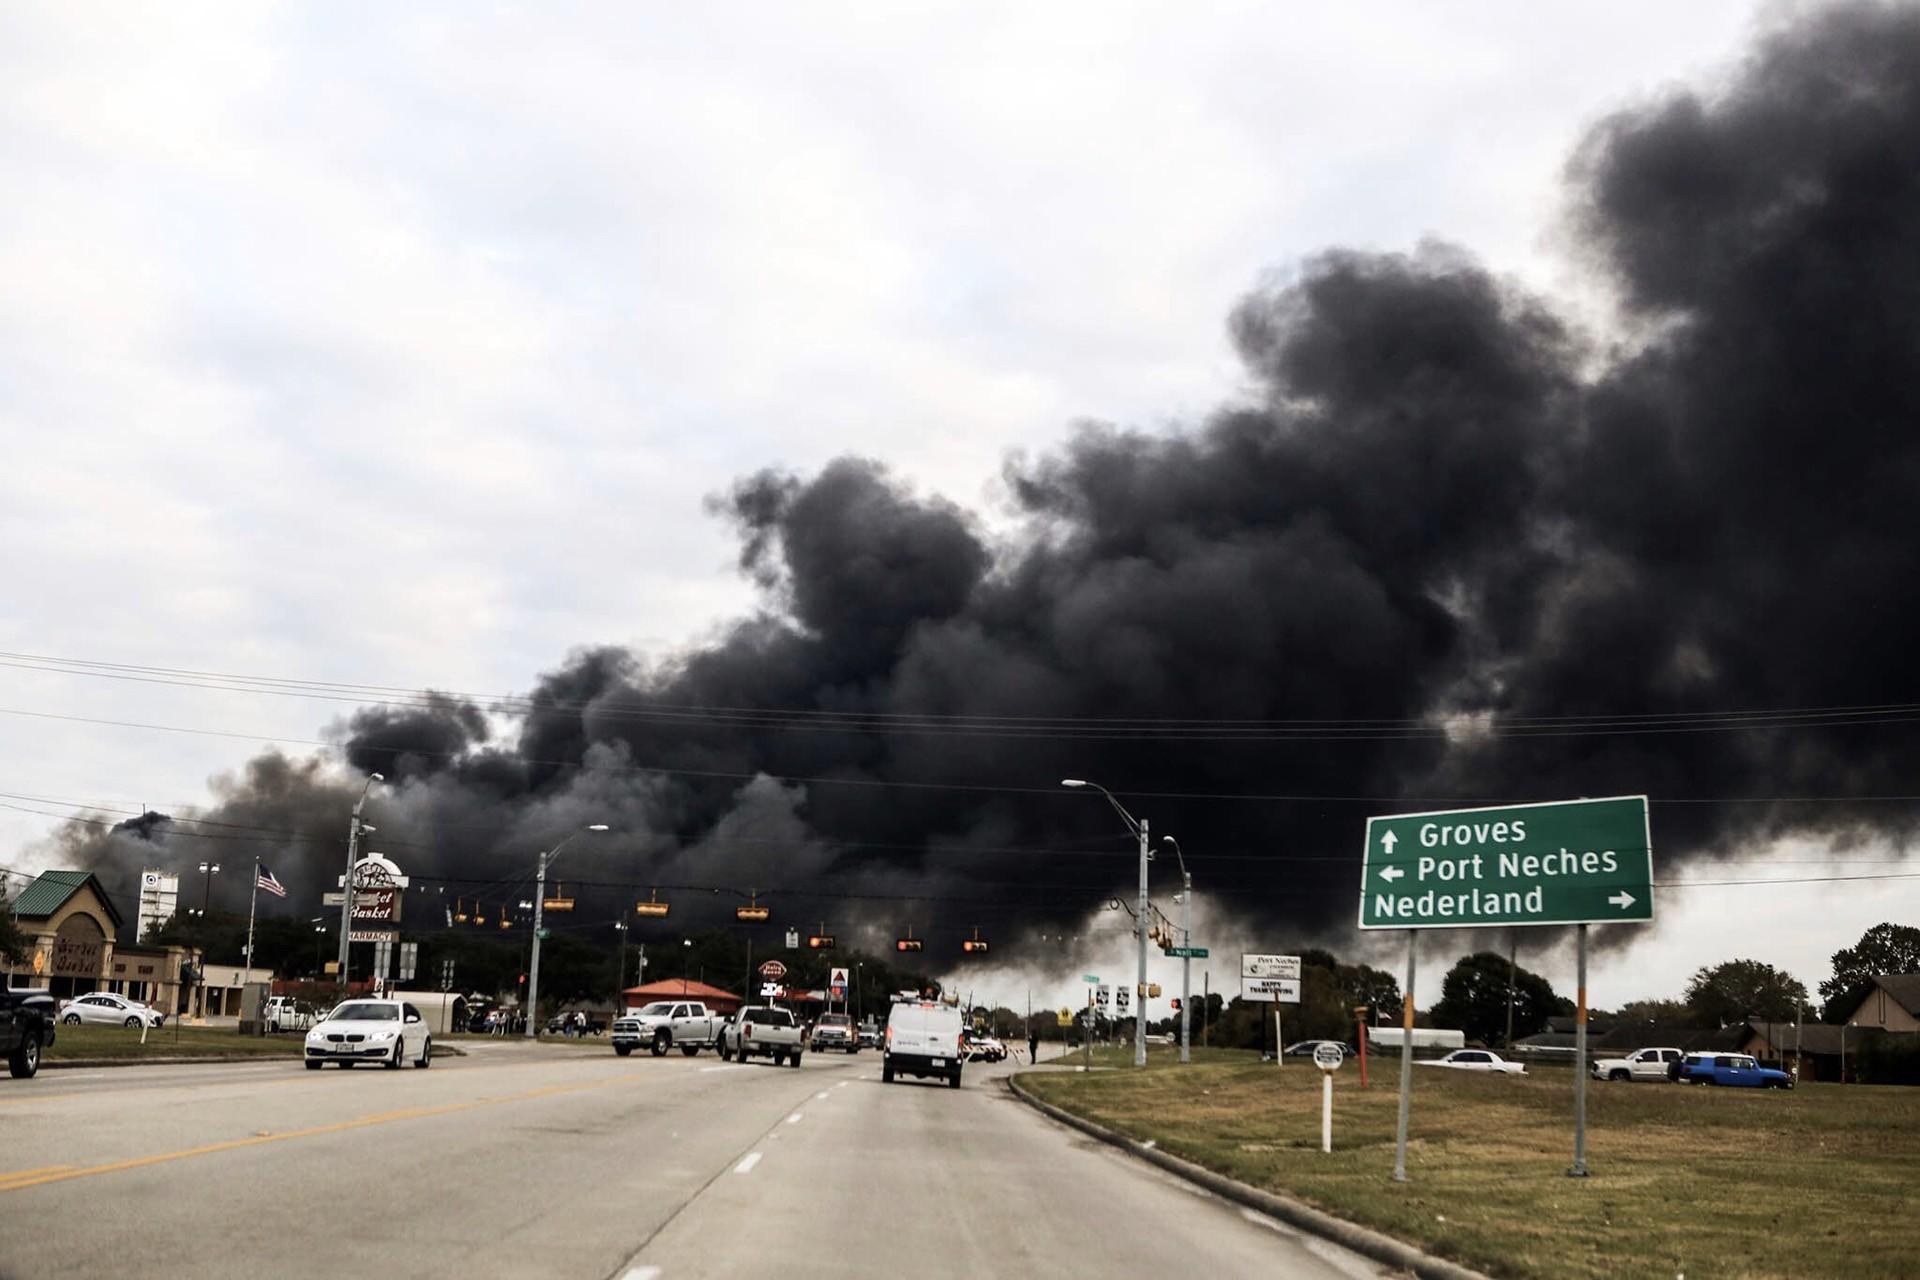 Teksas'ta TPC Group'a ait petrokimya fabrikasından dumanlar yükseliyor